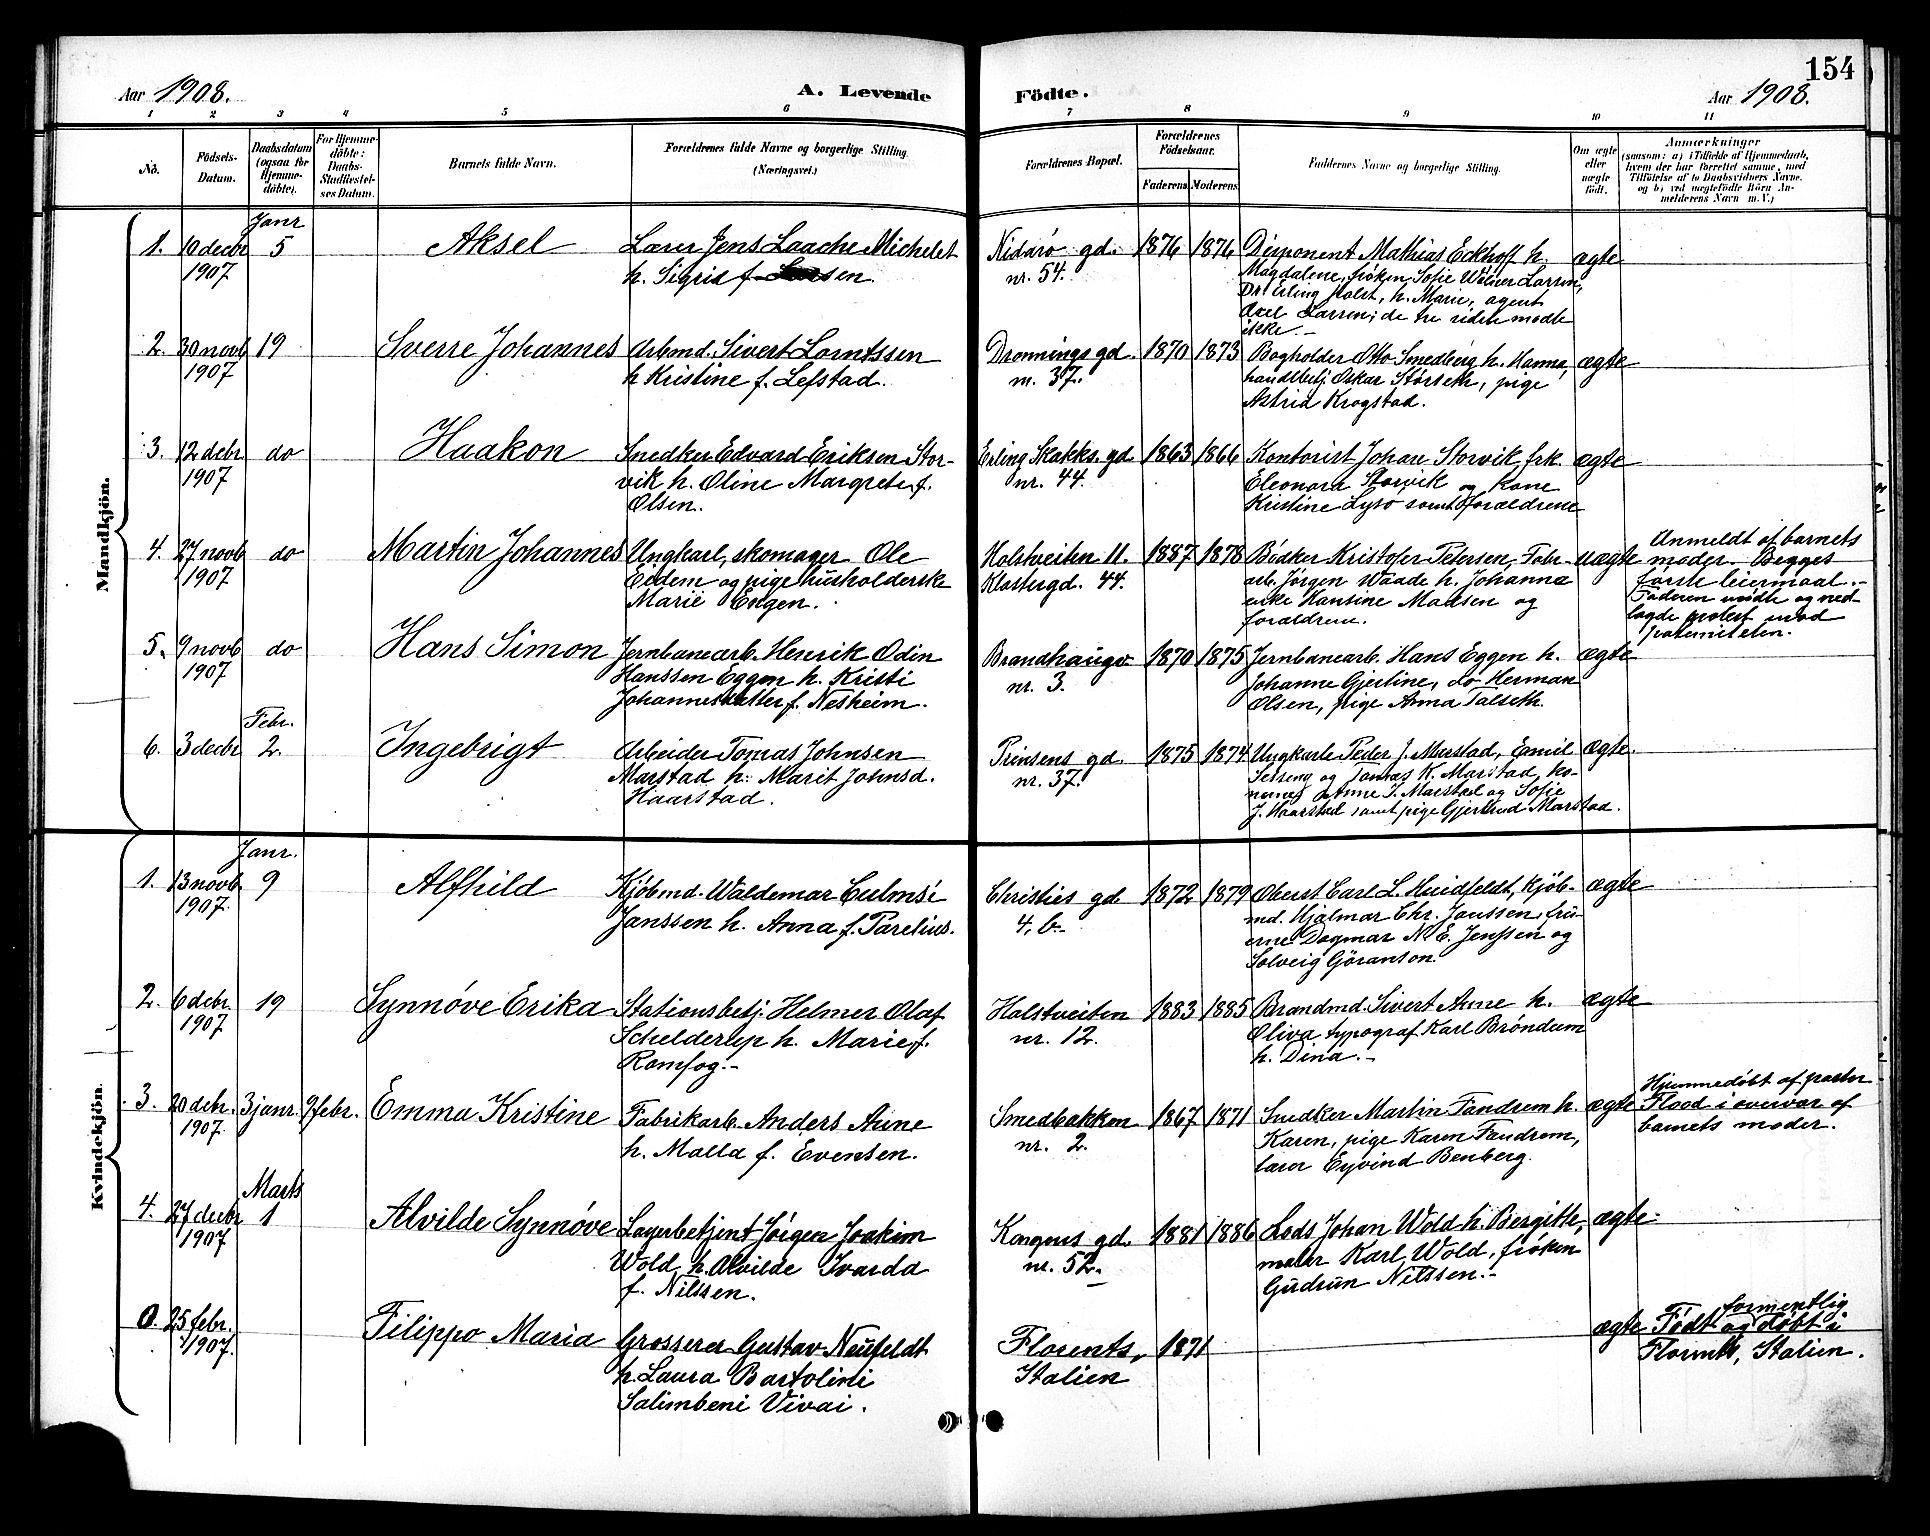 SAT, Ministerialprotokoller, klokkerbøker og fødselsregistre - Sør-Trøndelag, 601/L0094: Klokkerbok nr. 601C12, 1898-1911, s. 154